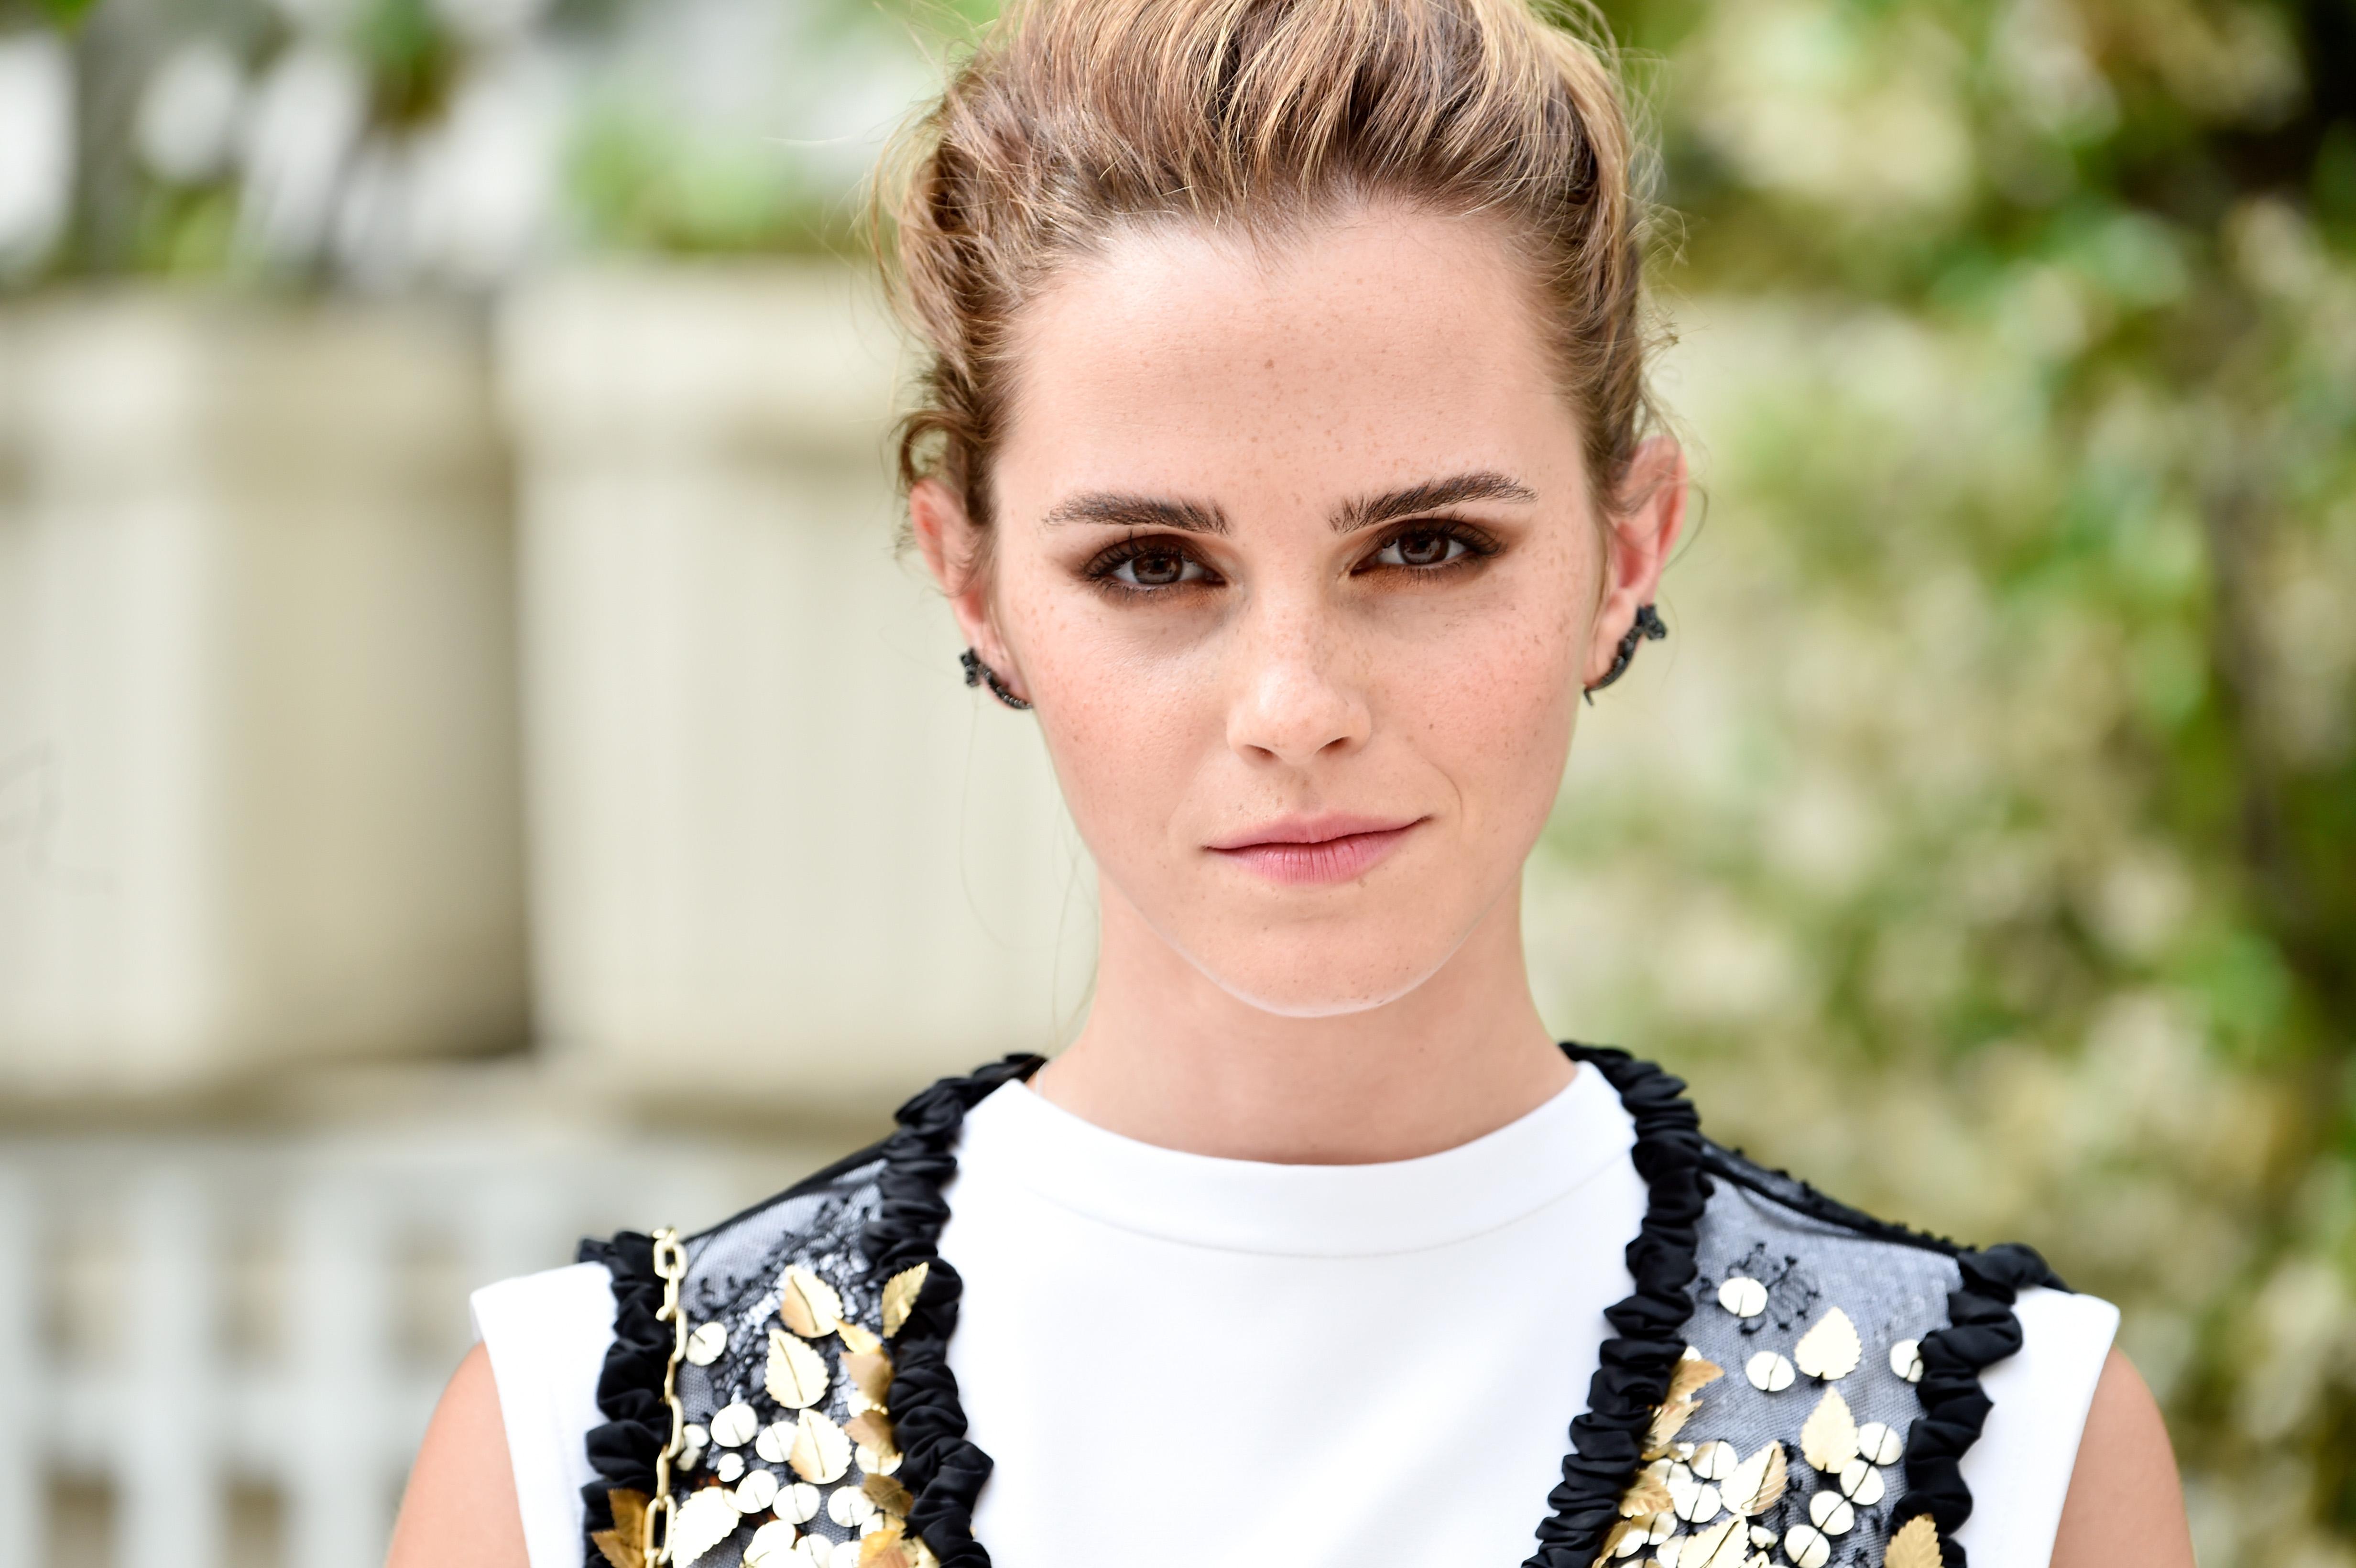 Η Emma Watson έκοψε τα μαλλιά της! | tlife.gr